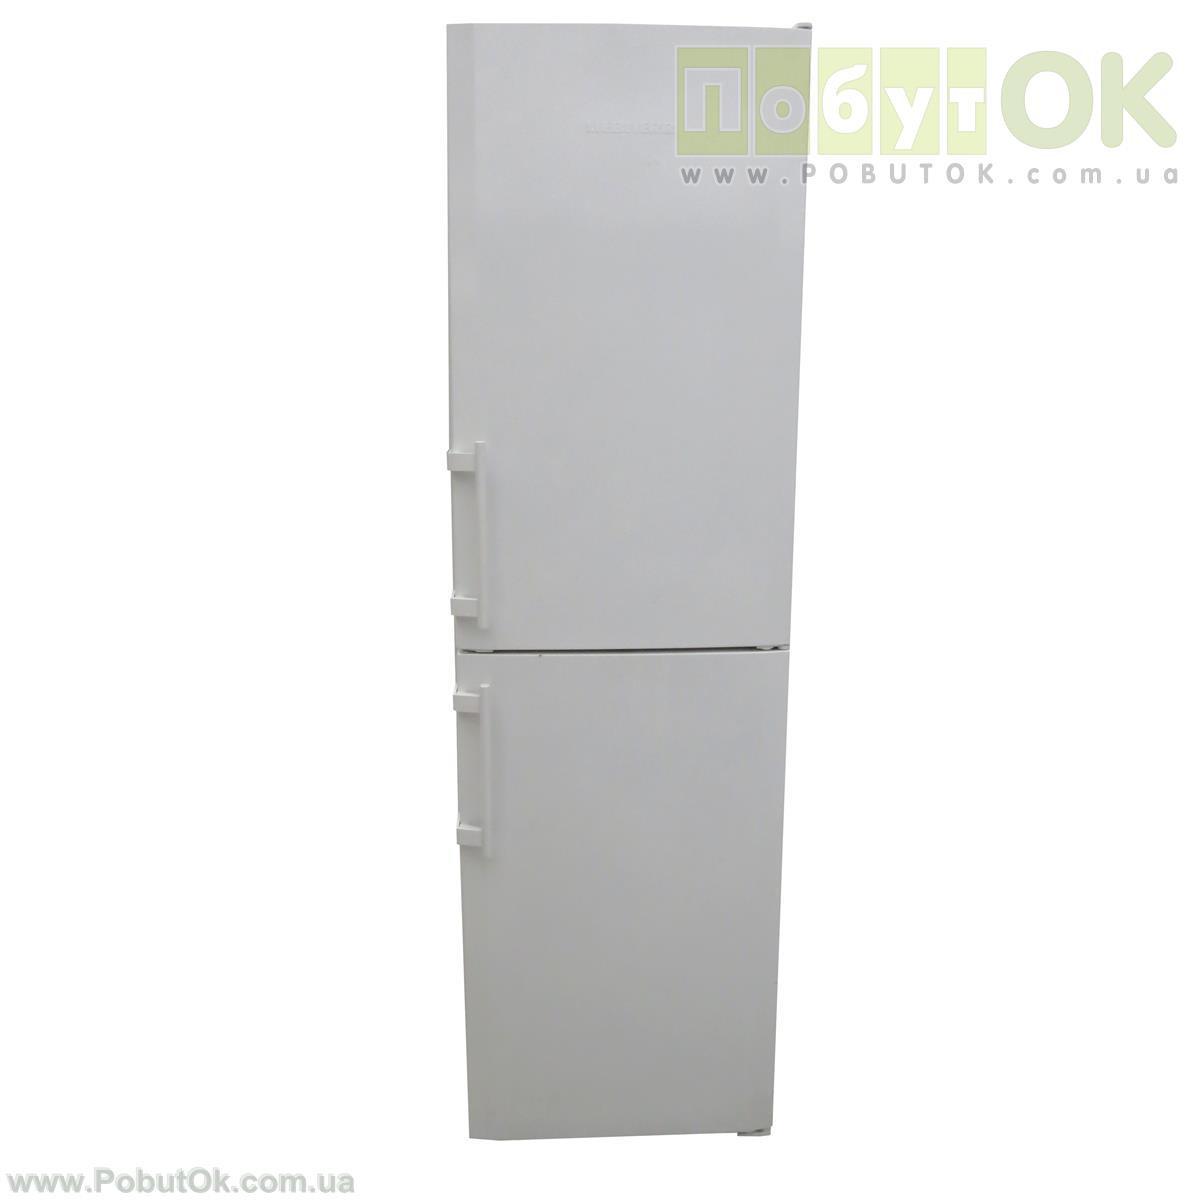 Холодильник LIEBHERR CUN 3923 Index 20G / 001 (Код:0775) Состояние: Б/У